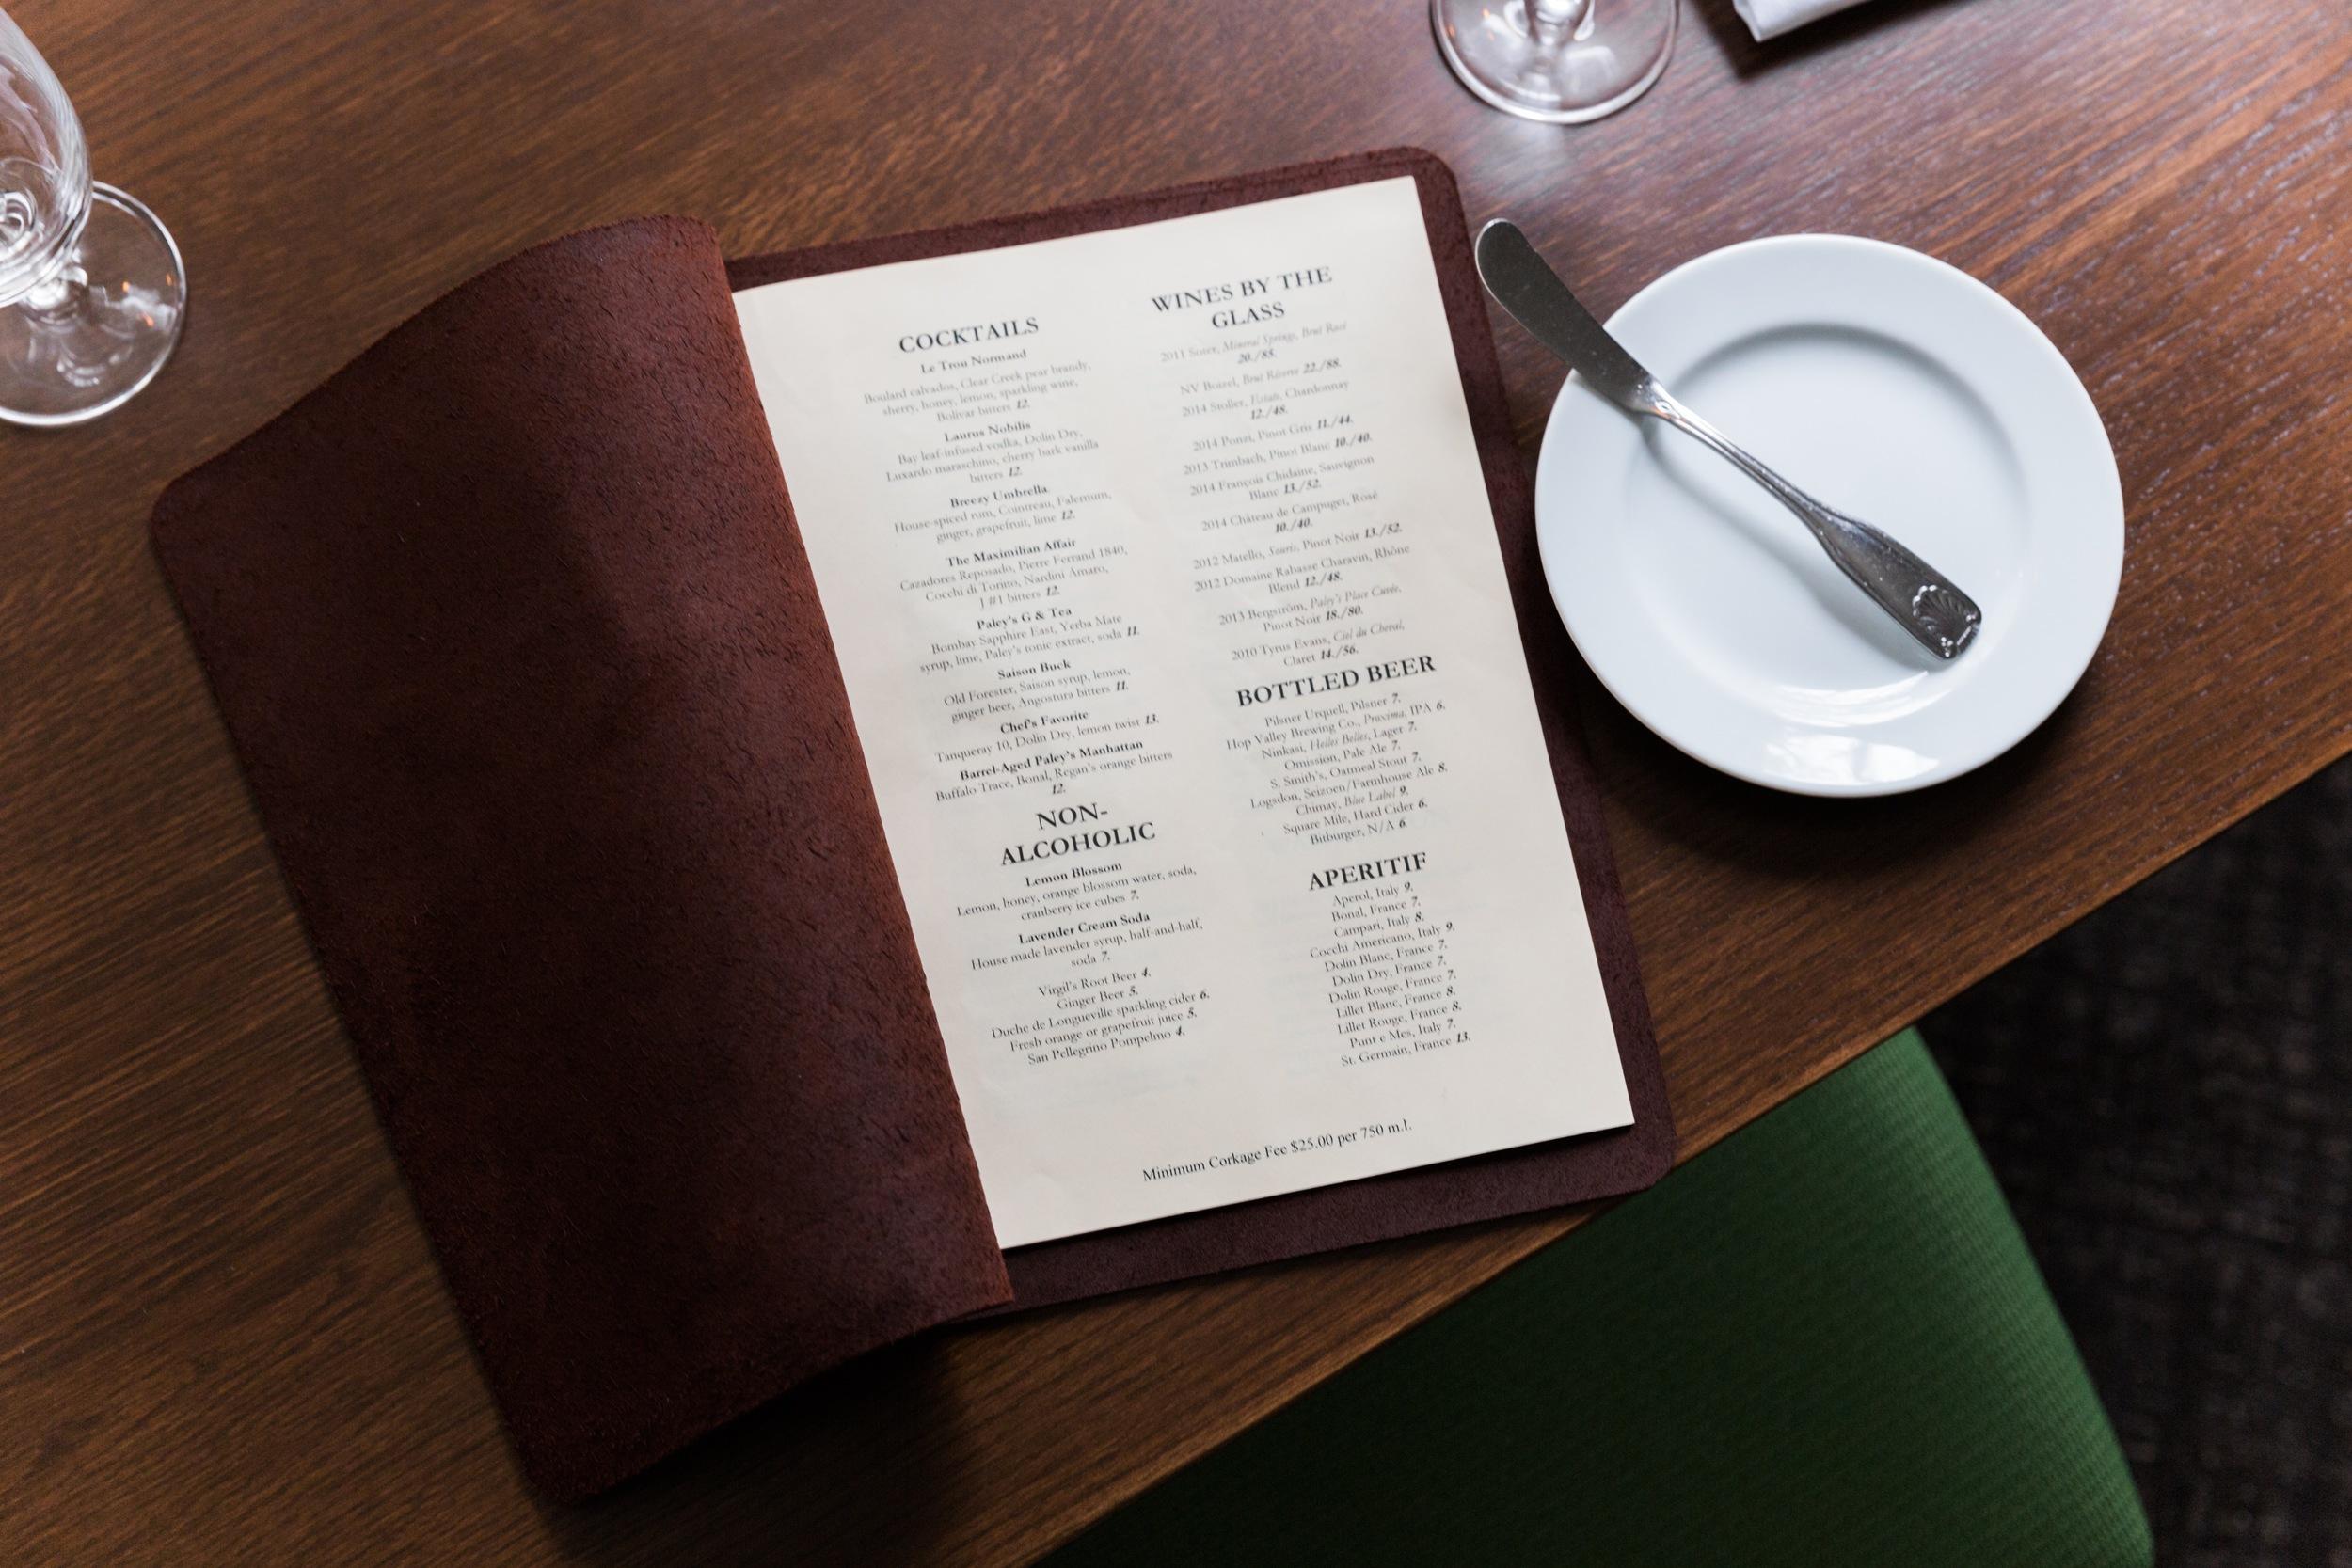 Paley's Place Wine List Open .jpg